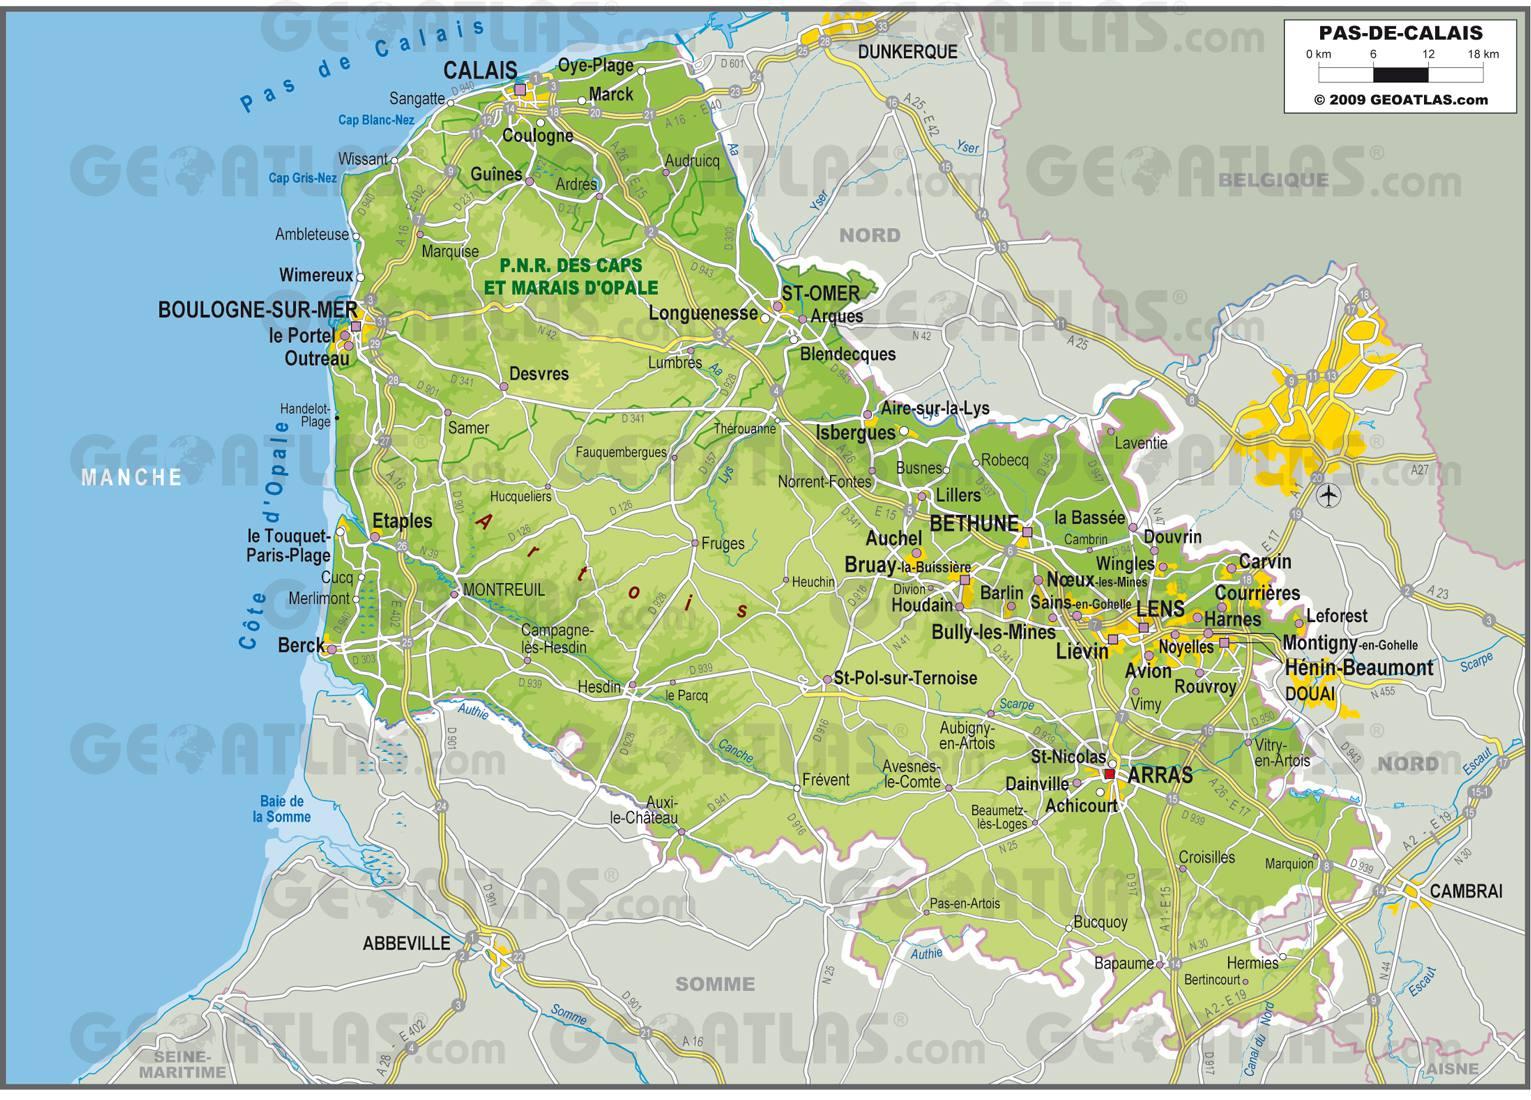 Carte Du Pas De Calais Avec Villes Et Villages